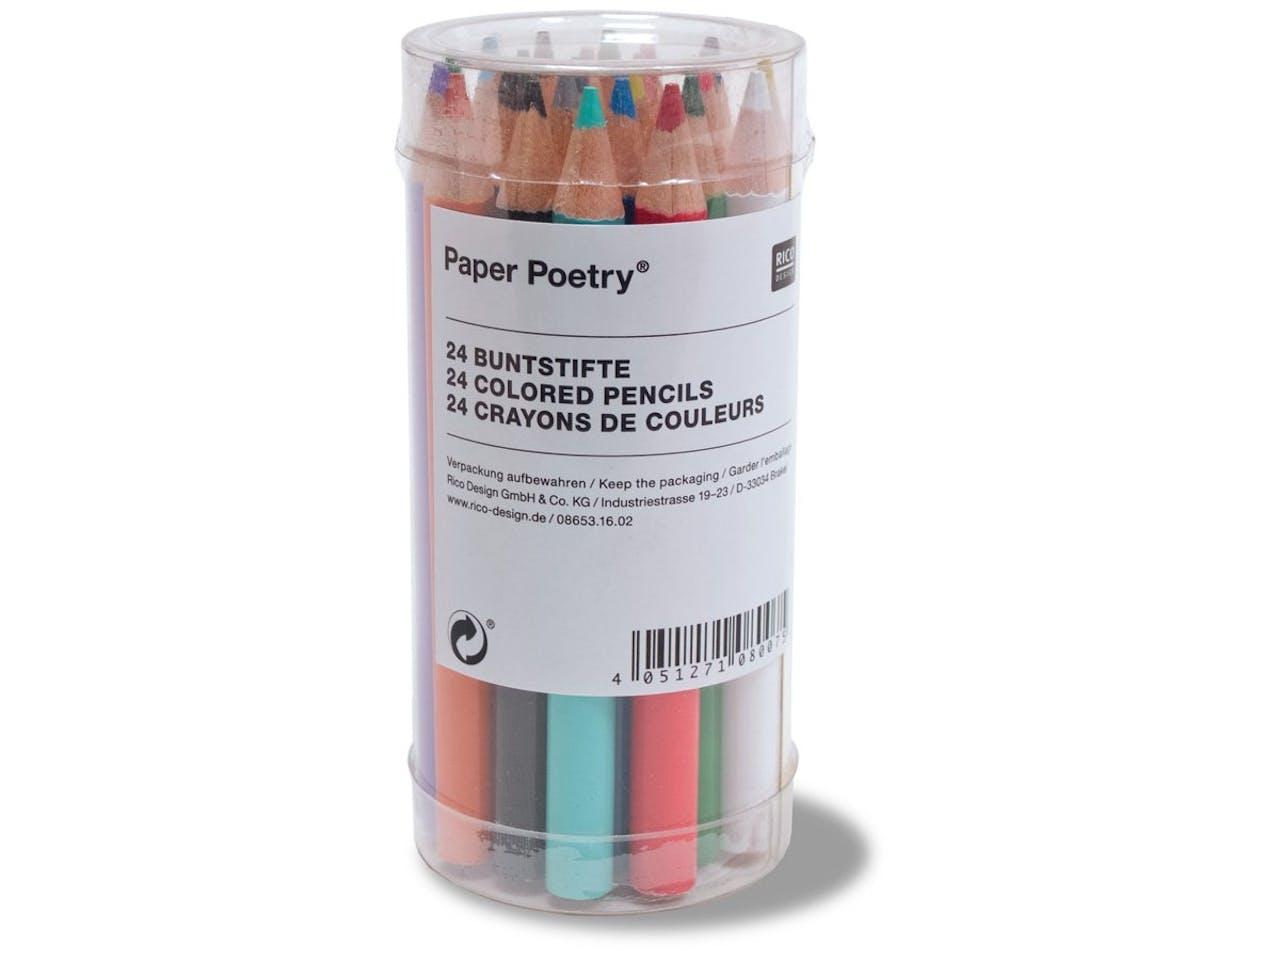 Paper Poetry Buntstifte, kurz, 24er-Set, l = 87 mm, ø 7,25 mm, im Zylinder